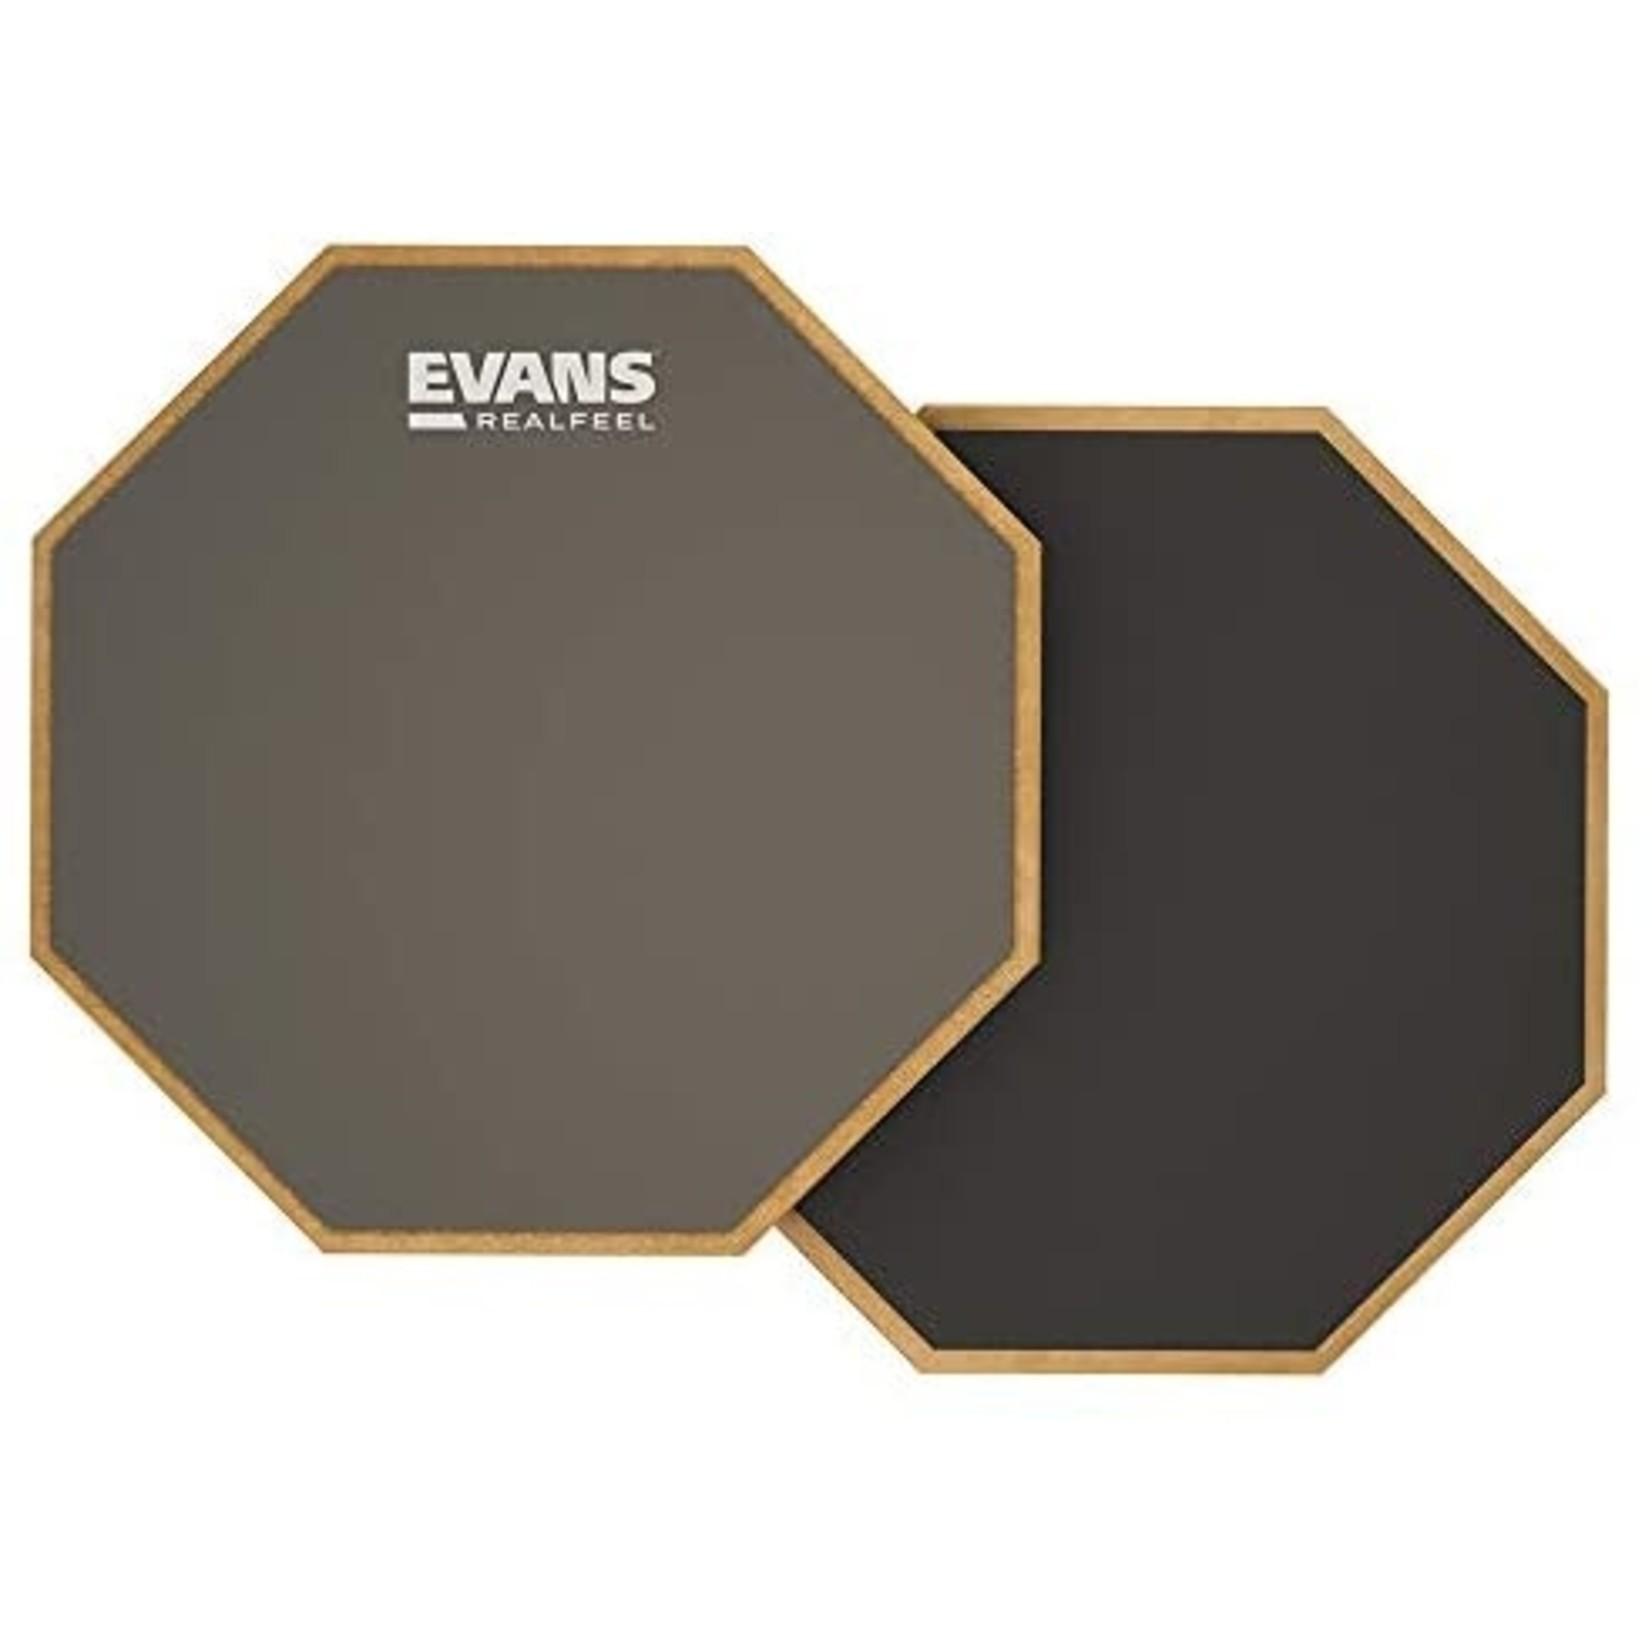 """Evans RealFeel 6"""" 2-Sided Standard Pad"""